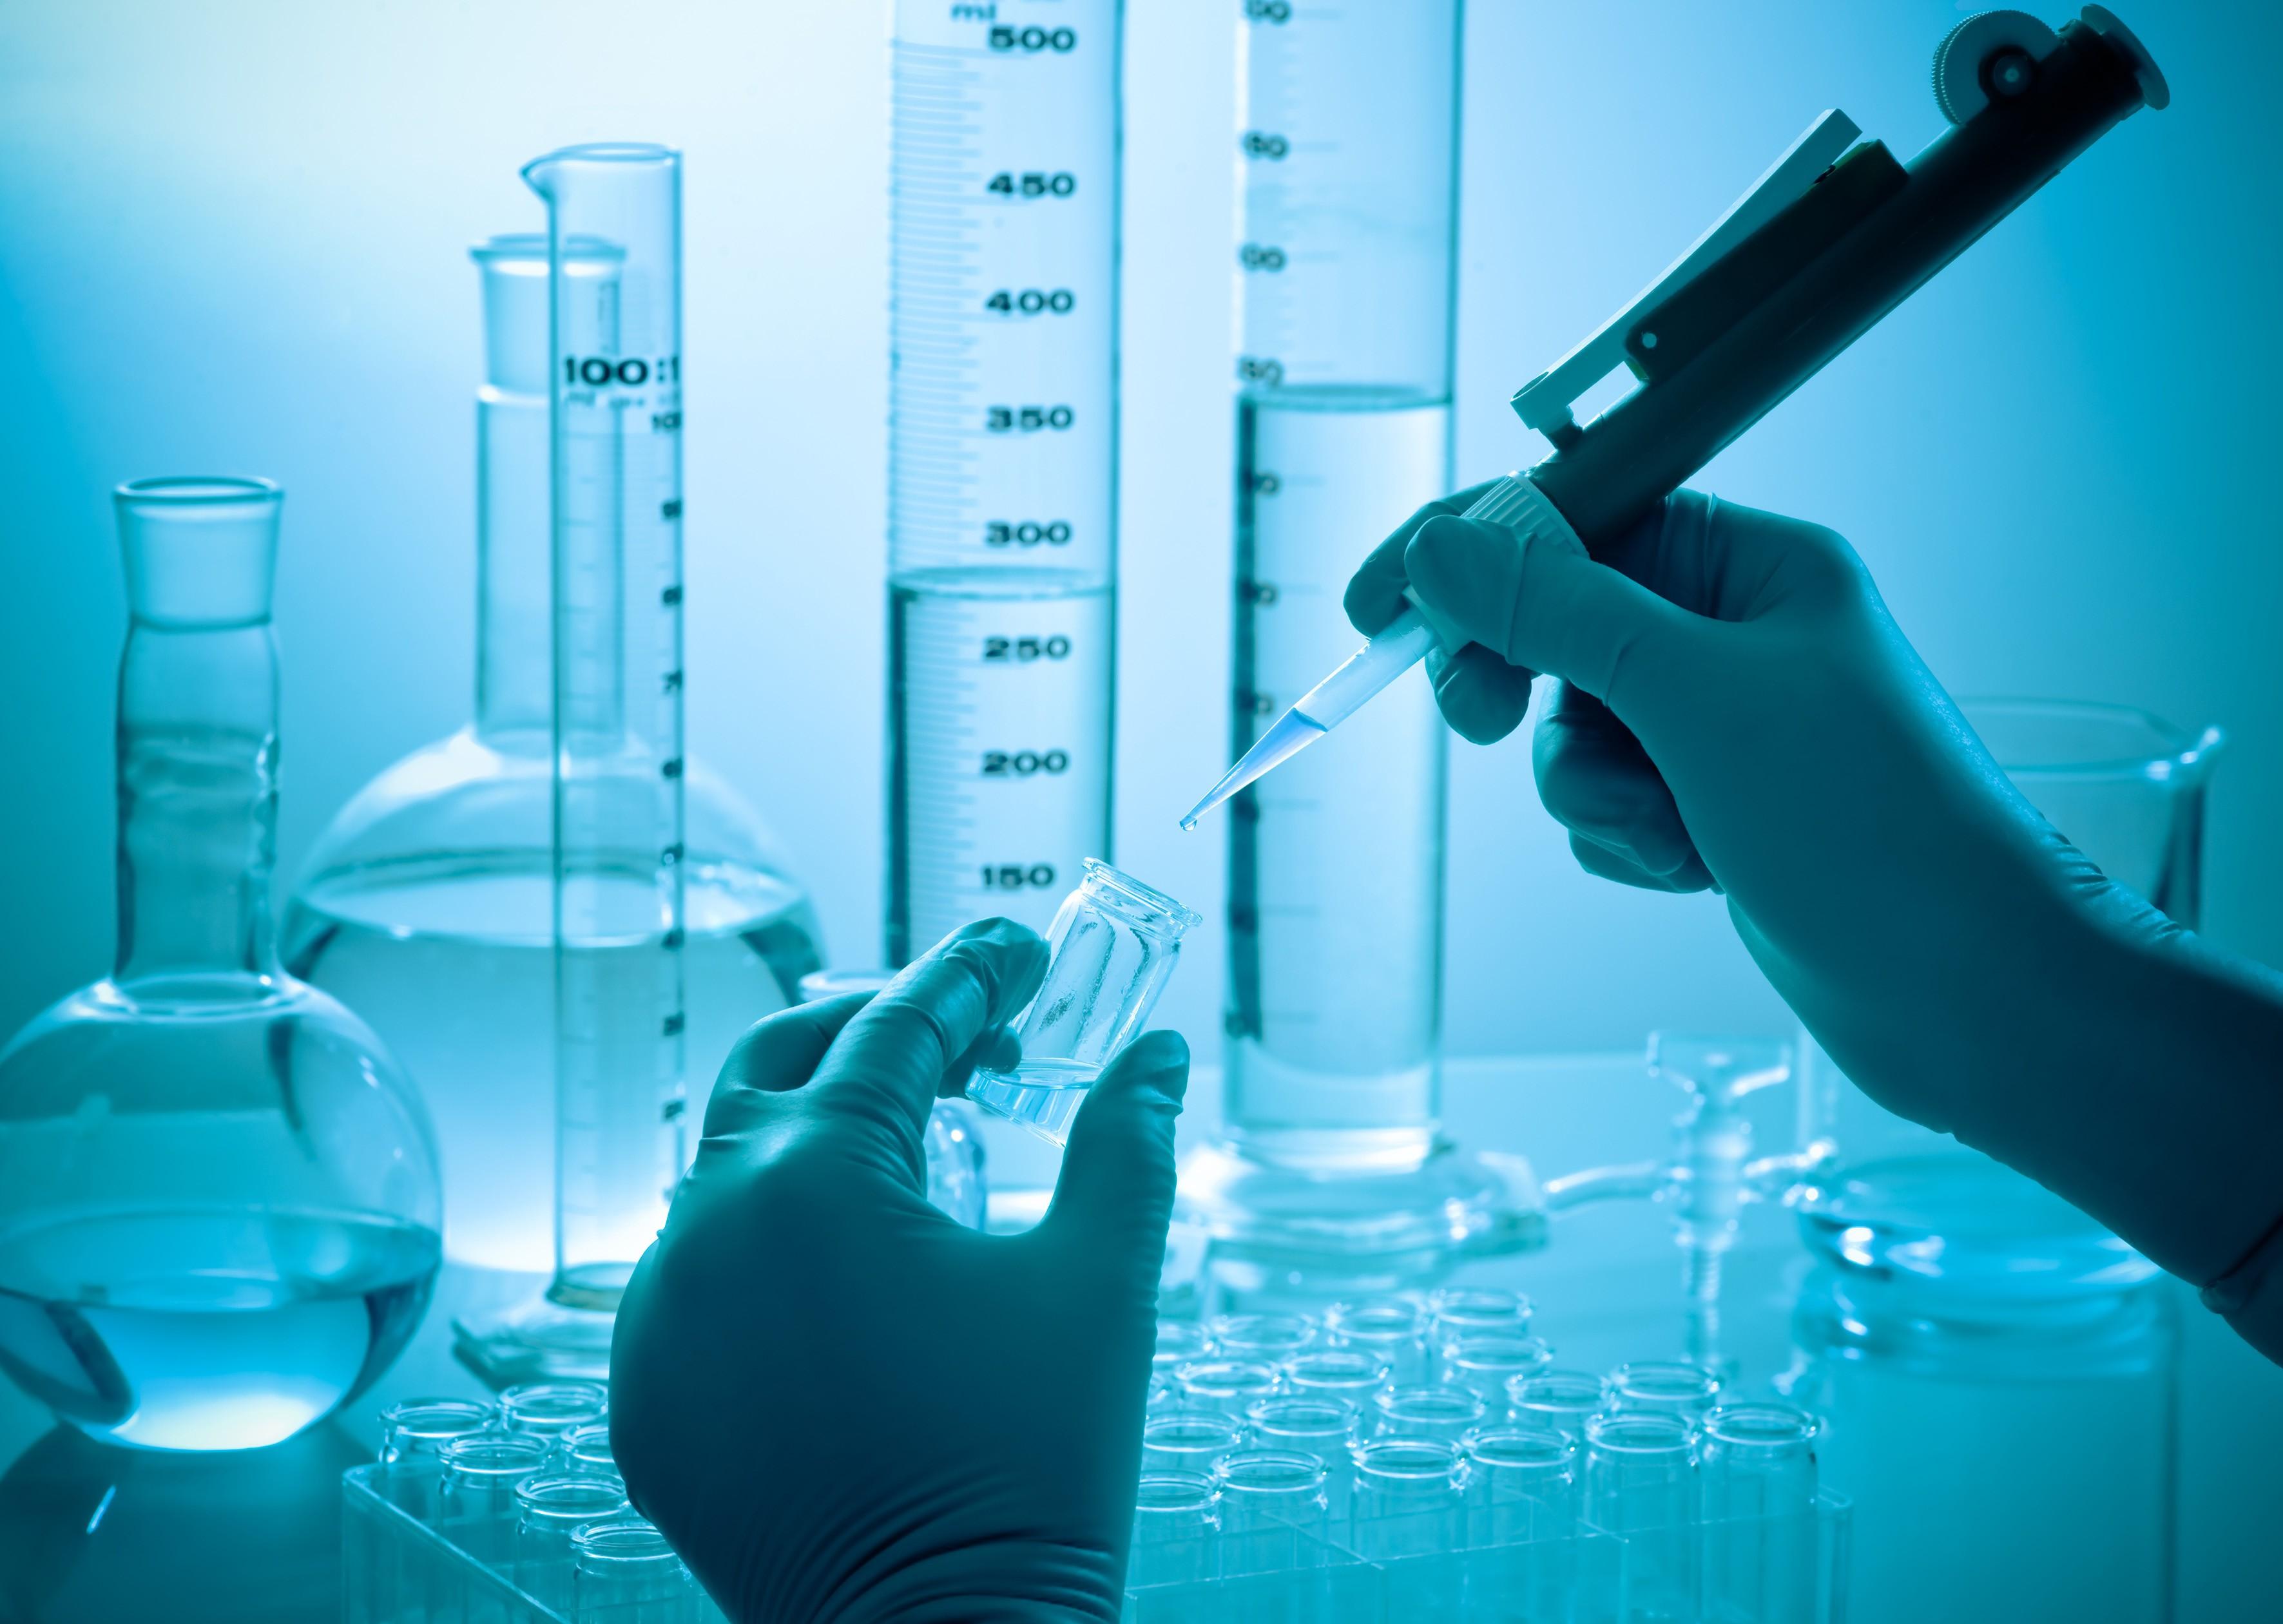 پروژه اتوکد آزمایشگاه ویروس شناسی